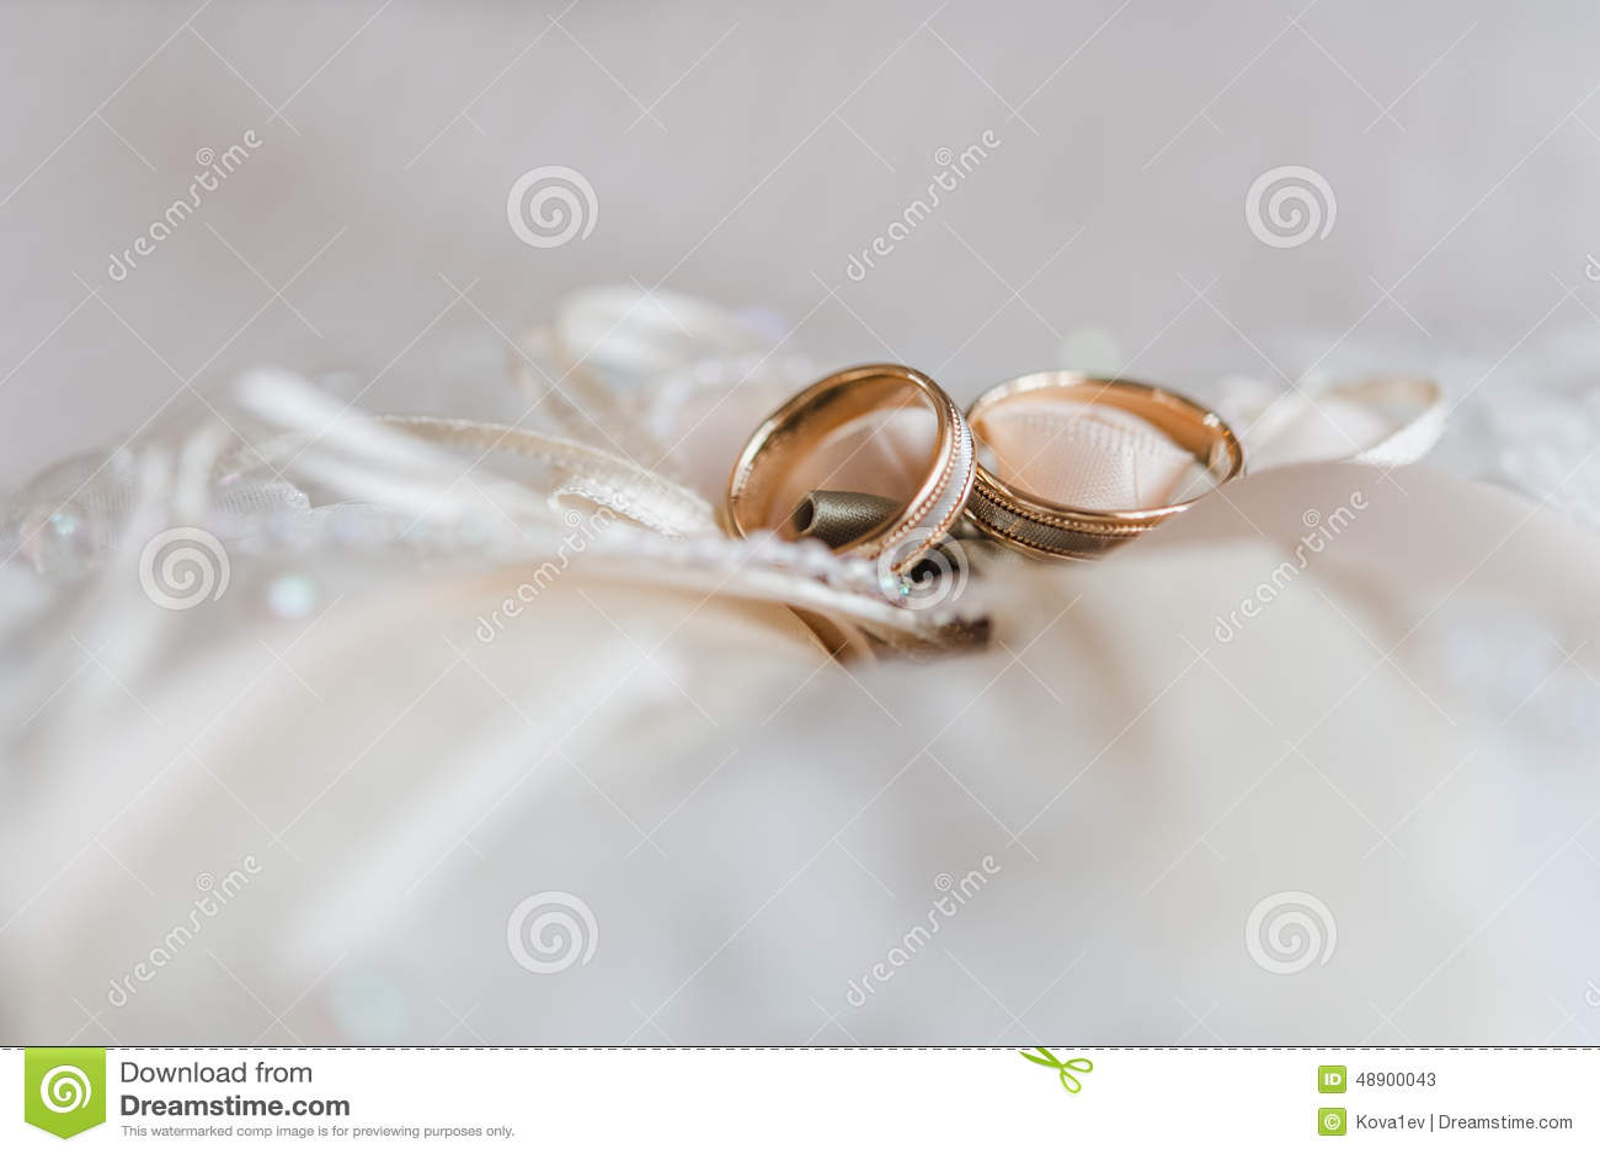 Vigselringar på en dekorativ kudde med pärlan och band i varma färger b6676898156b7